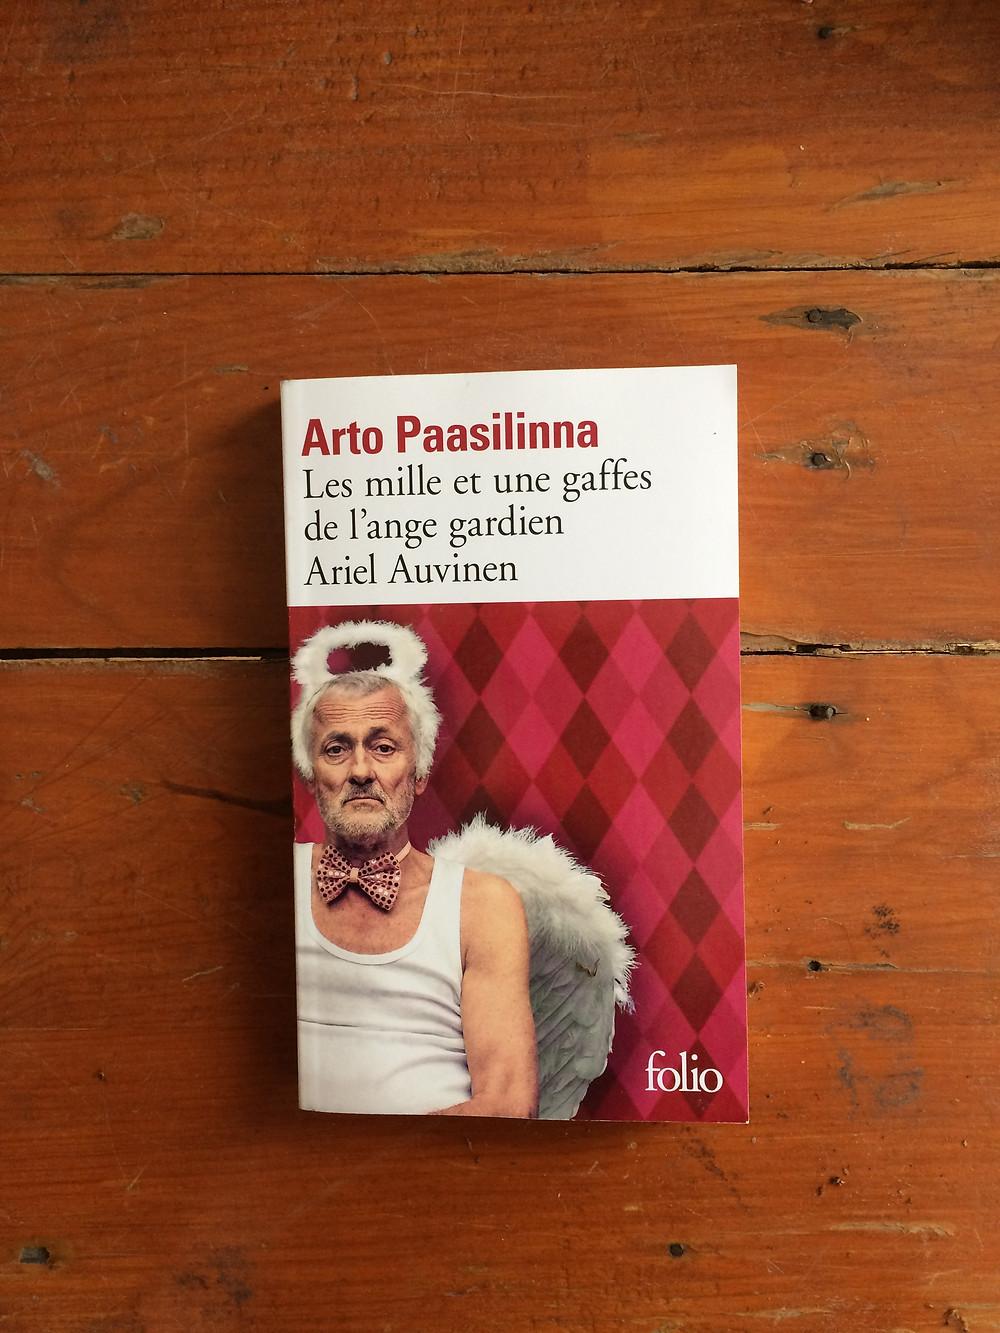 Photo : Les mille et une gaffes de l'ange gardien Ariel Auvinen, Arto Paasilinna